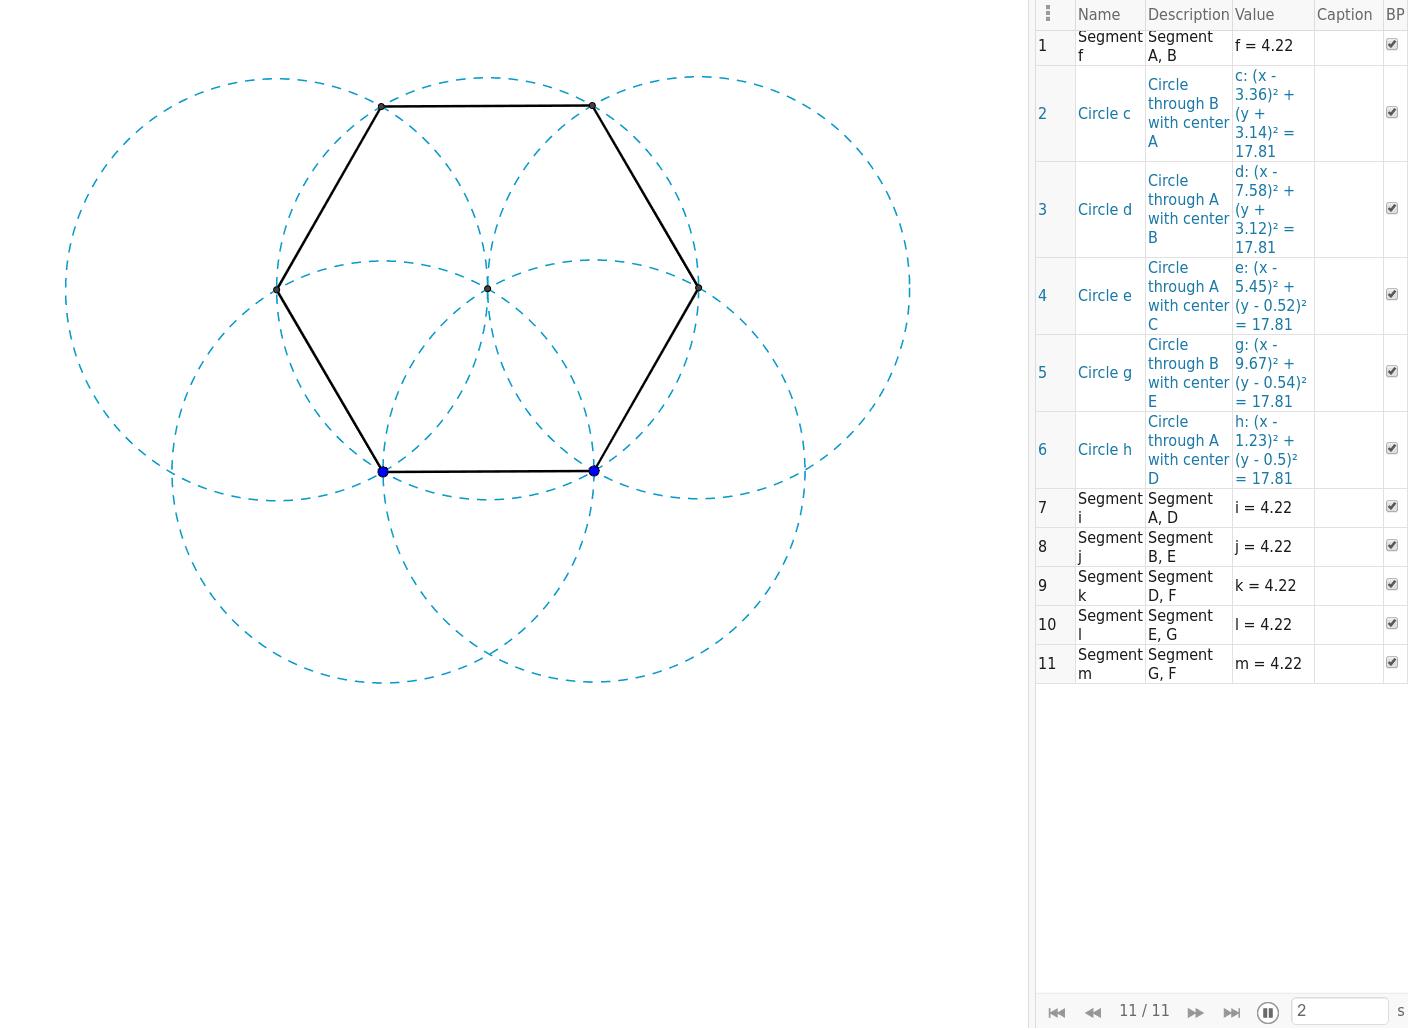 Instruccions pas a pas per dibuixar gràficament un hexàgon regular.